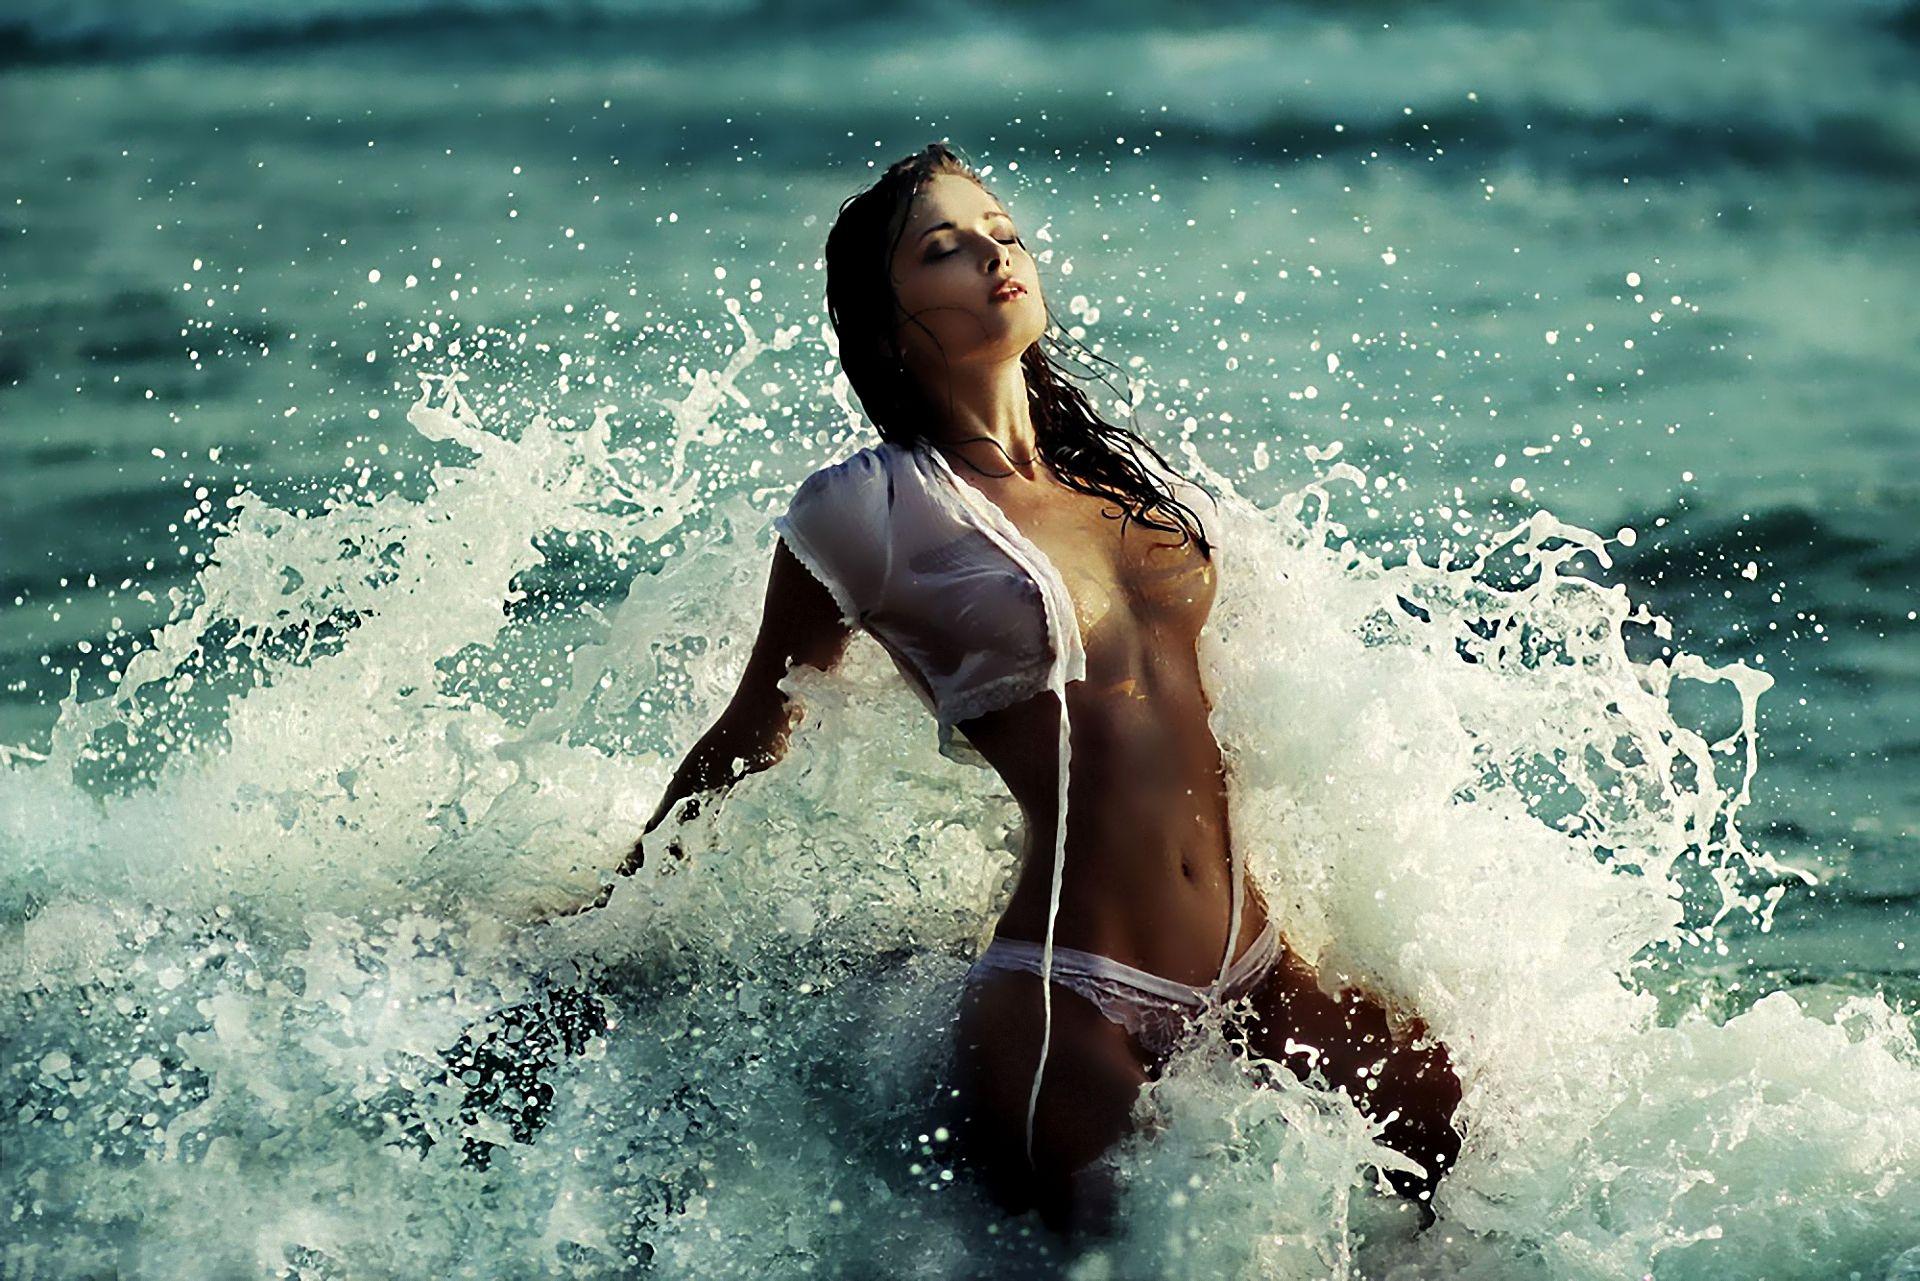 Эротика девушки в военной морской форме 18 фотография